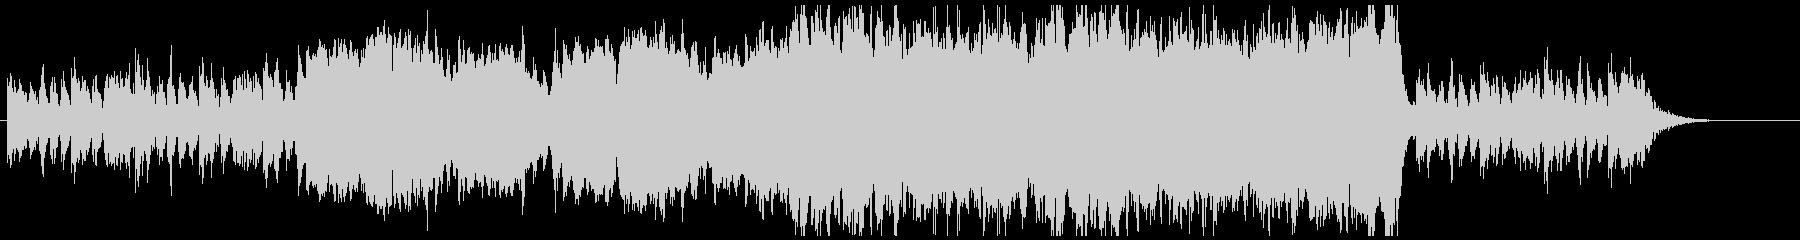 魔女の館イメージの怪しい弦楽器曲の未再生の波形